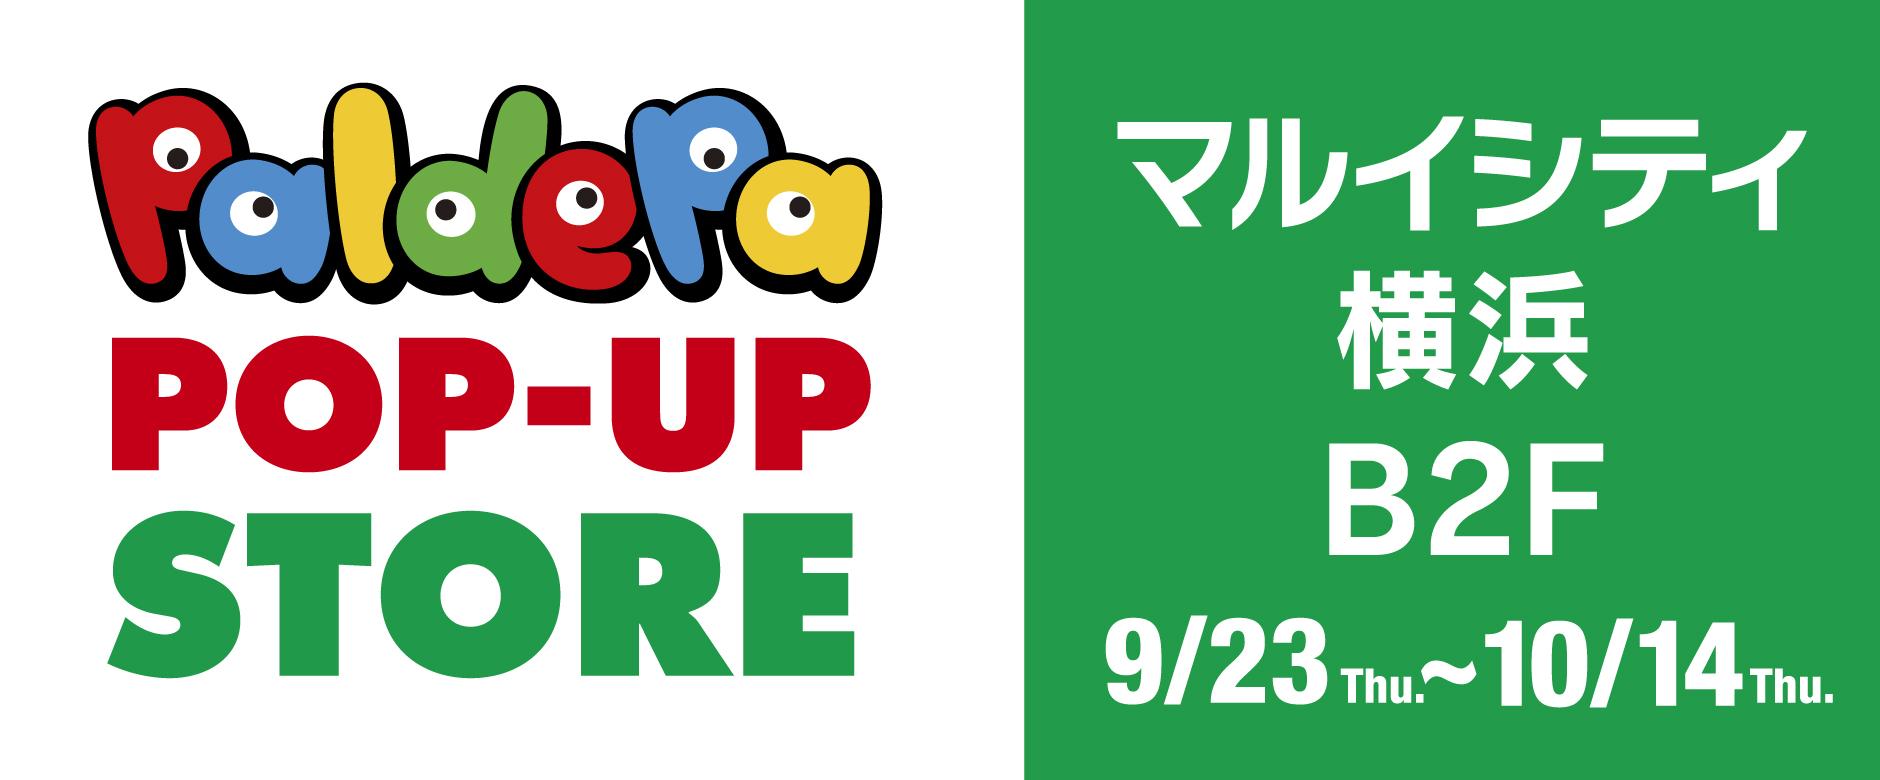 期間限定 paldepa POPUPストア in マルイシティ横浜